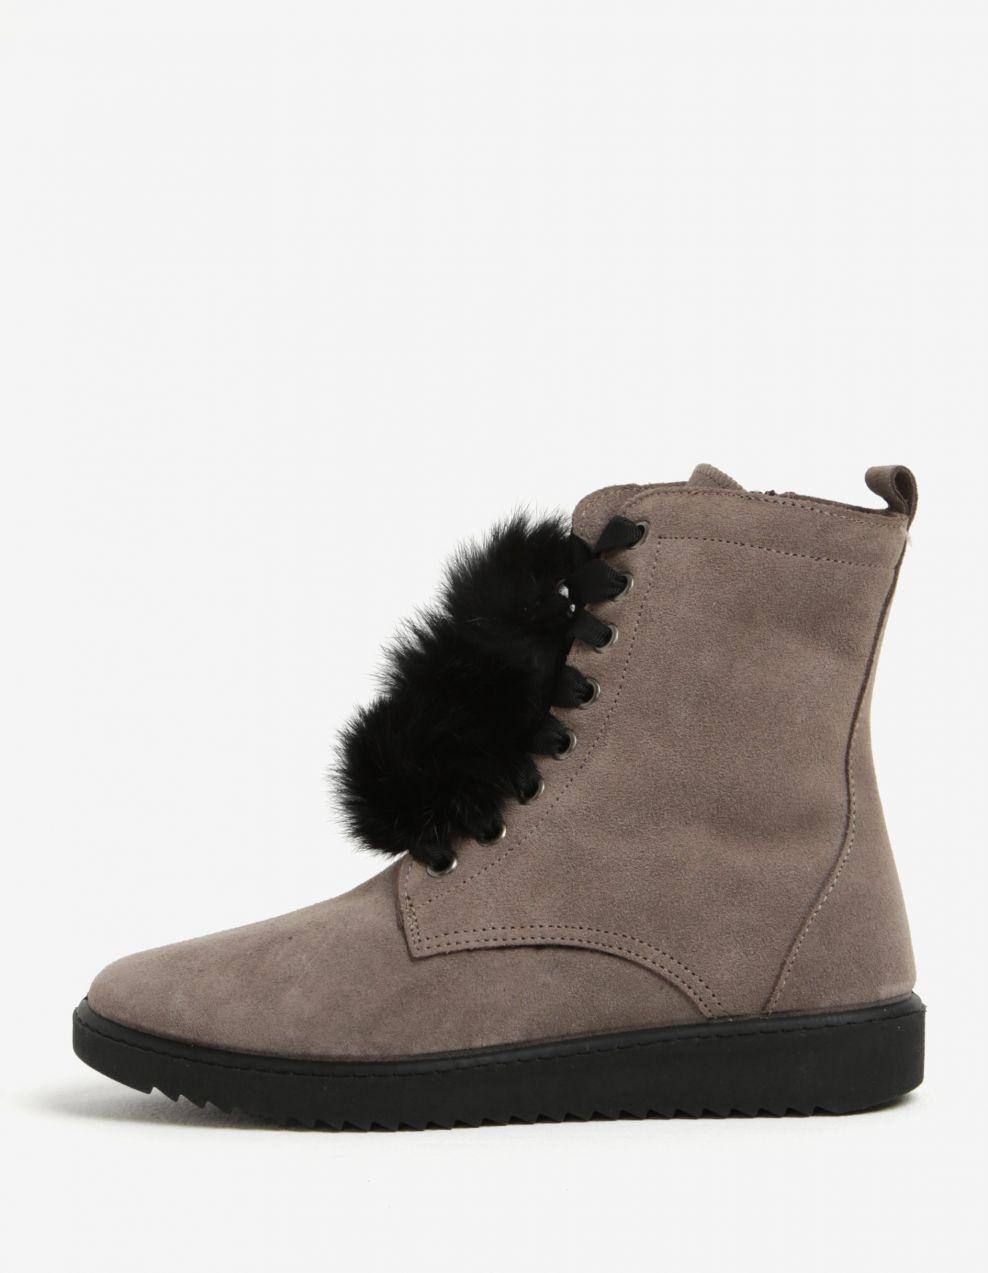 Sivé semišové členkové topánky s brmbolcami OJJU značky OJJU - Lovely.sk 121d58be385